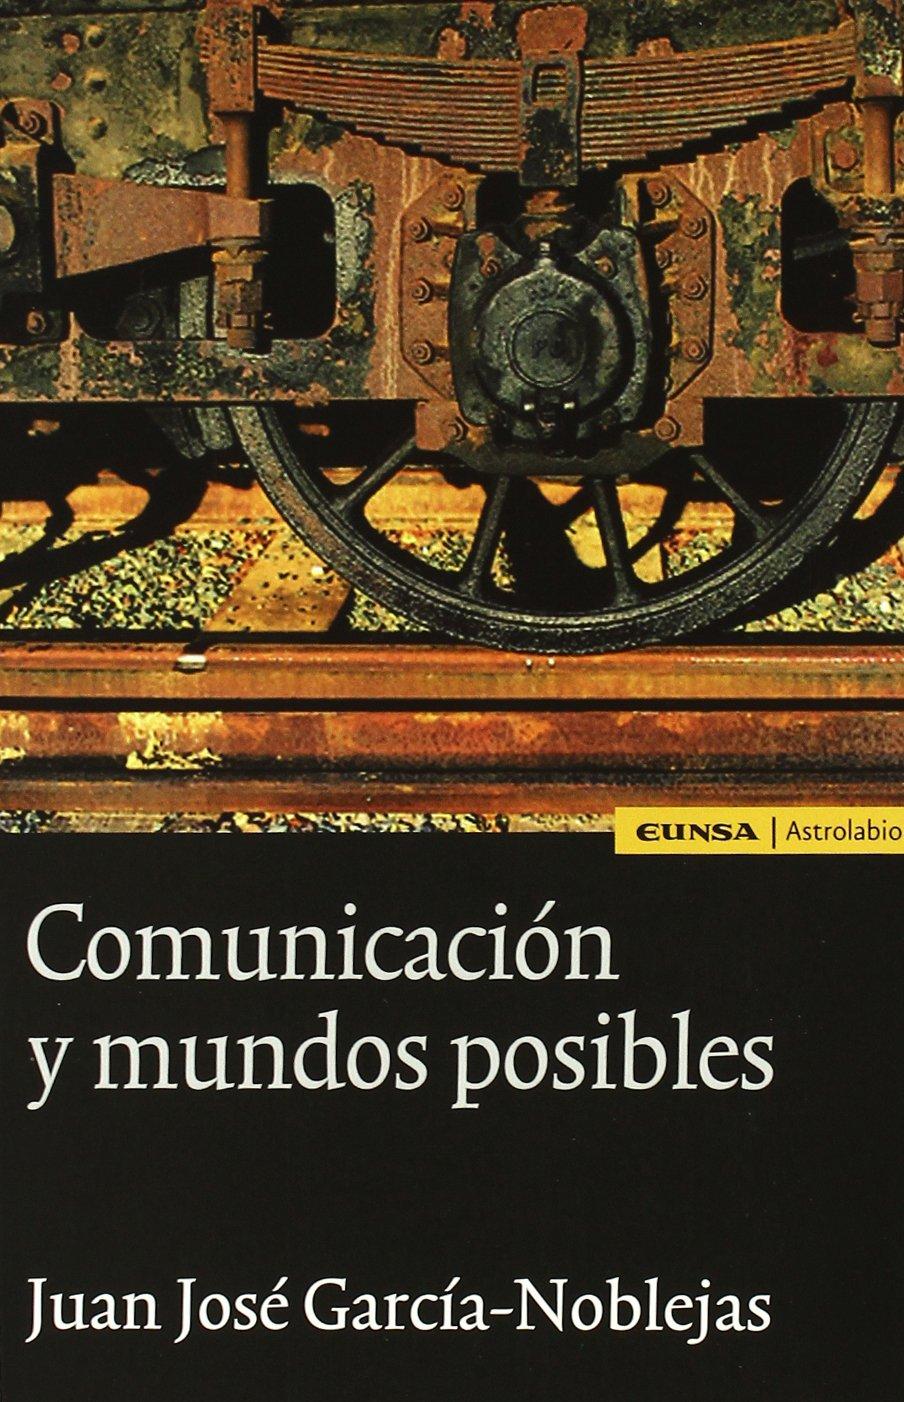 Comunicación y mundos posibles (Astrolabio) Tapa blanda – 25 oct 2005 Juan José García-Noblejas S.A. 8431323345 AGP_0012673